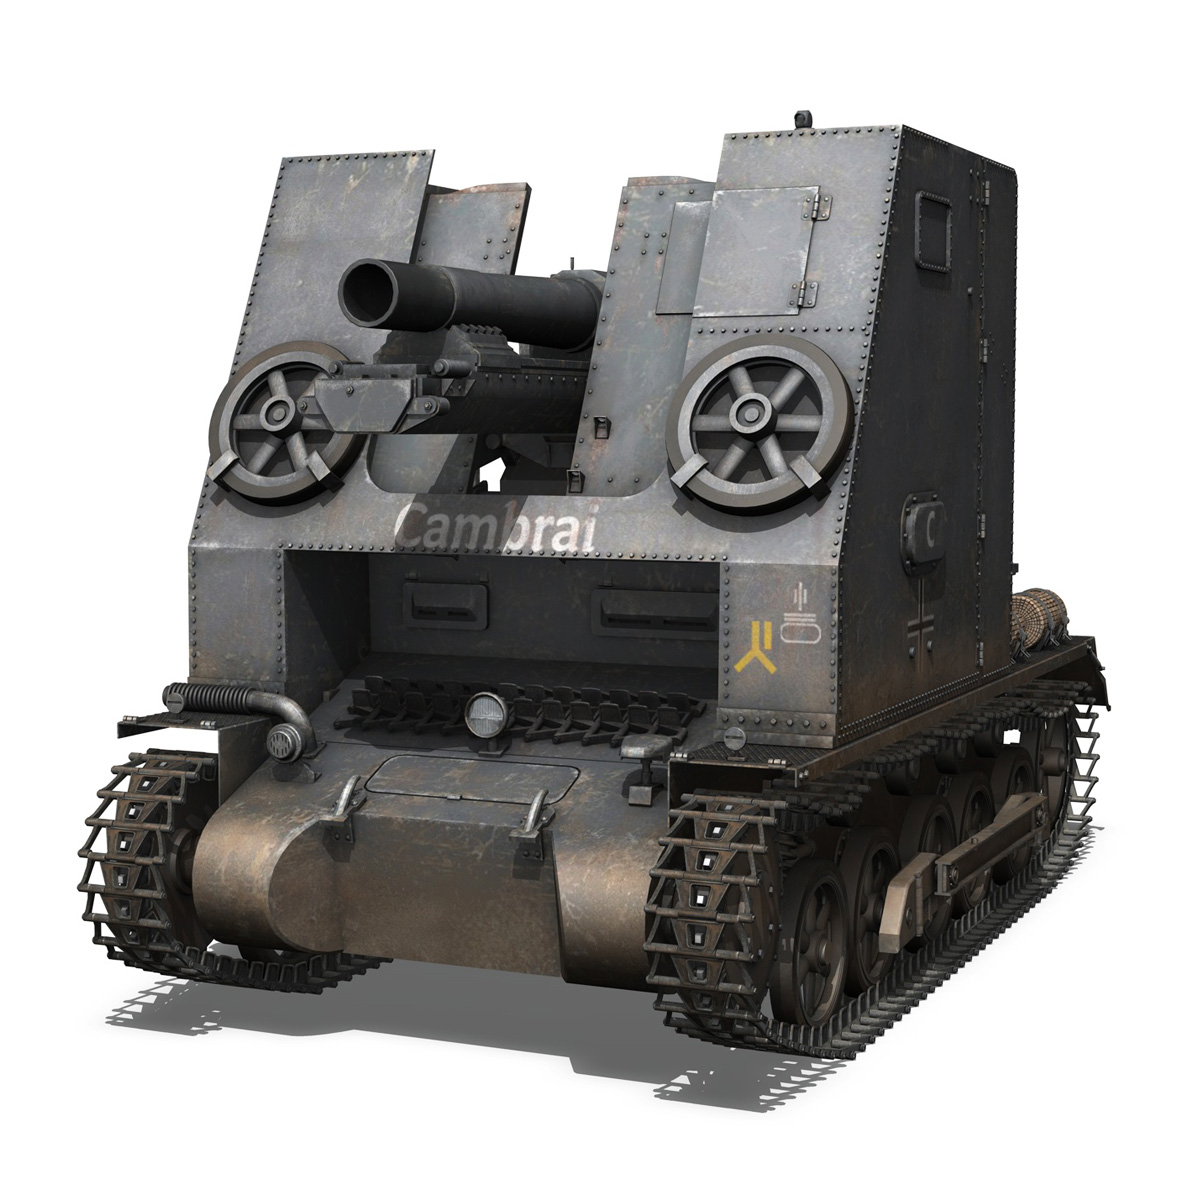 sturmpanzer1 – bison – cambrai- 2.pzdiv 3d model 3ds fbx c4d lwo obj 191338